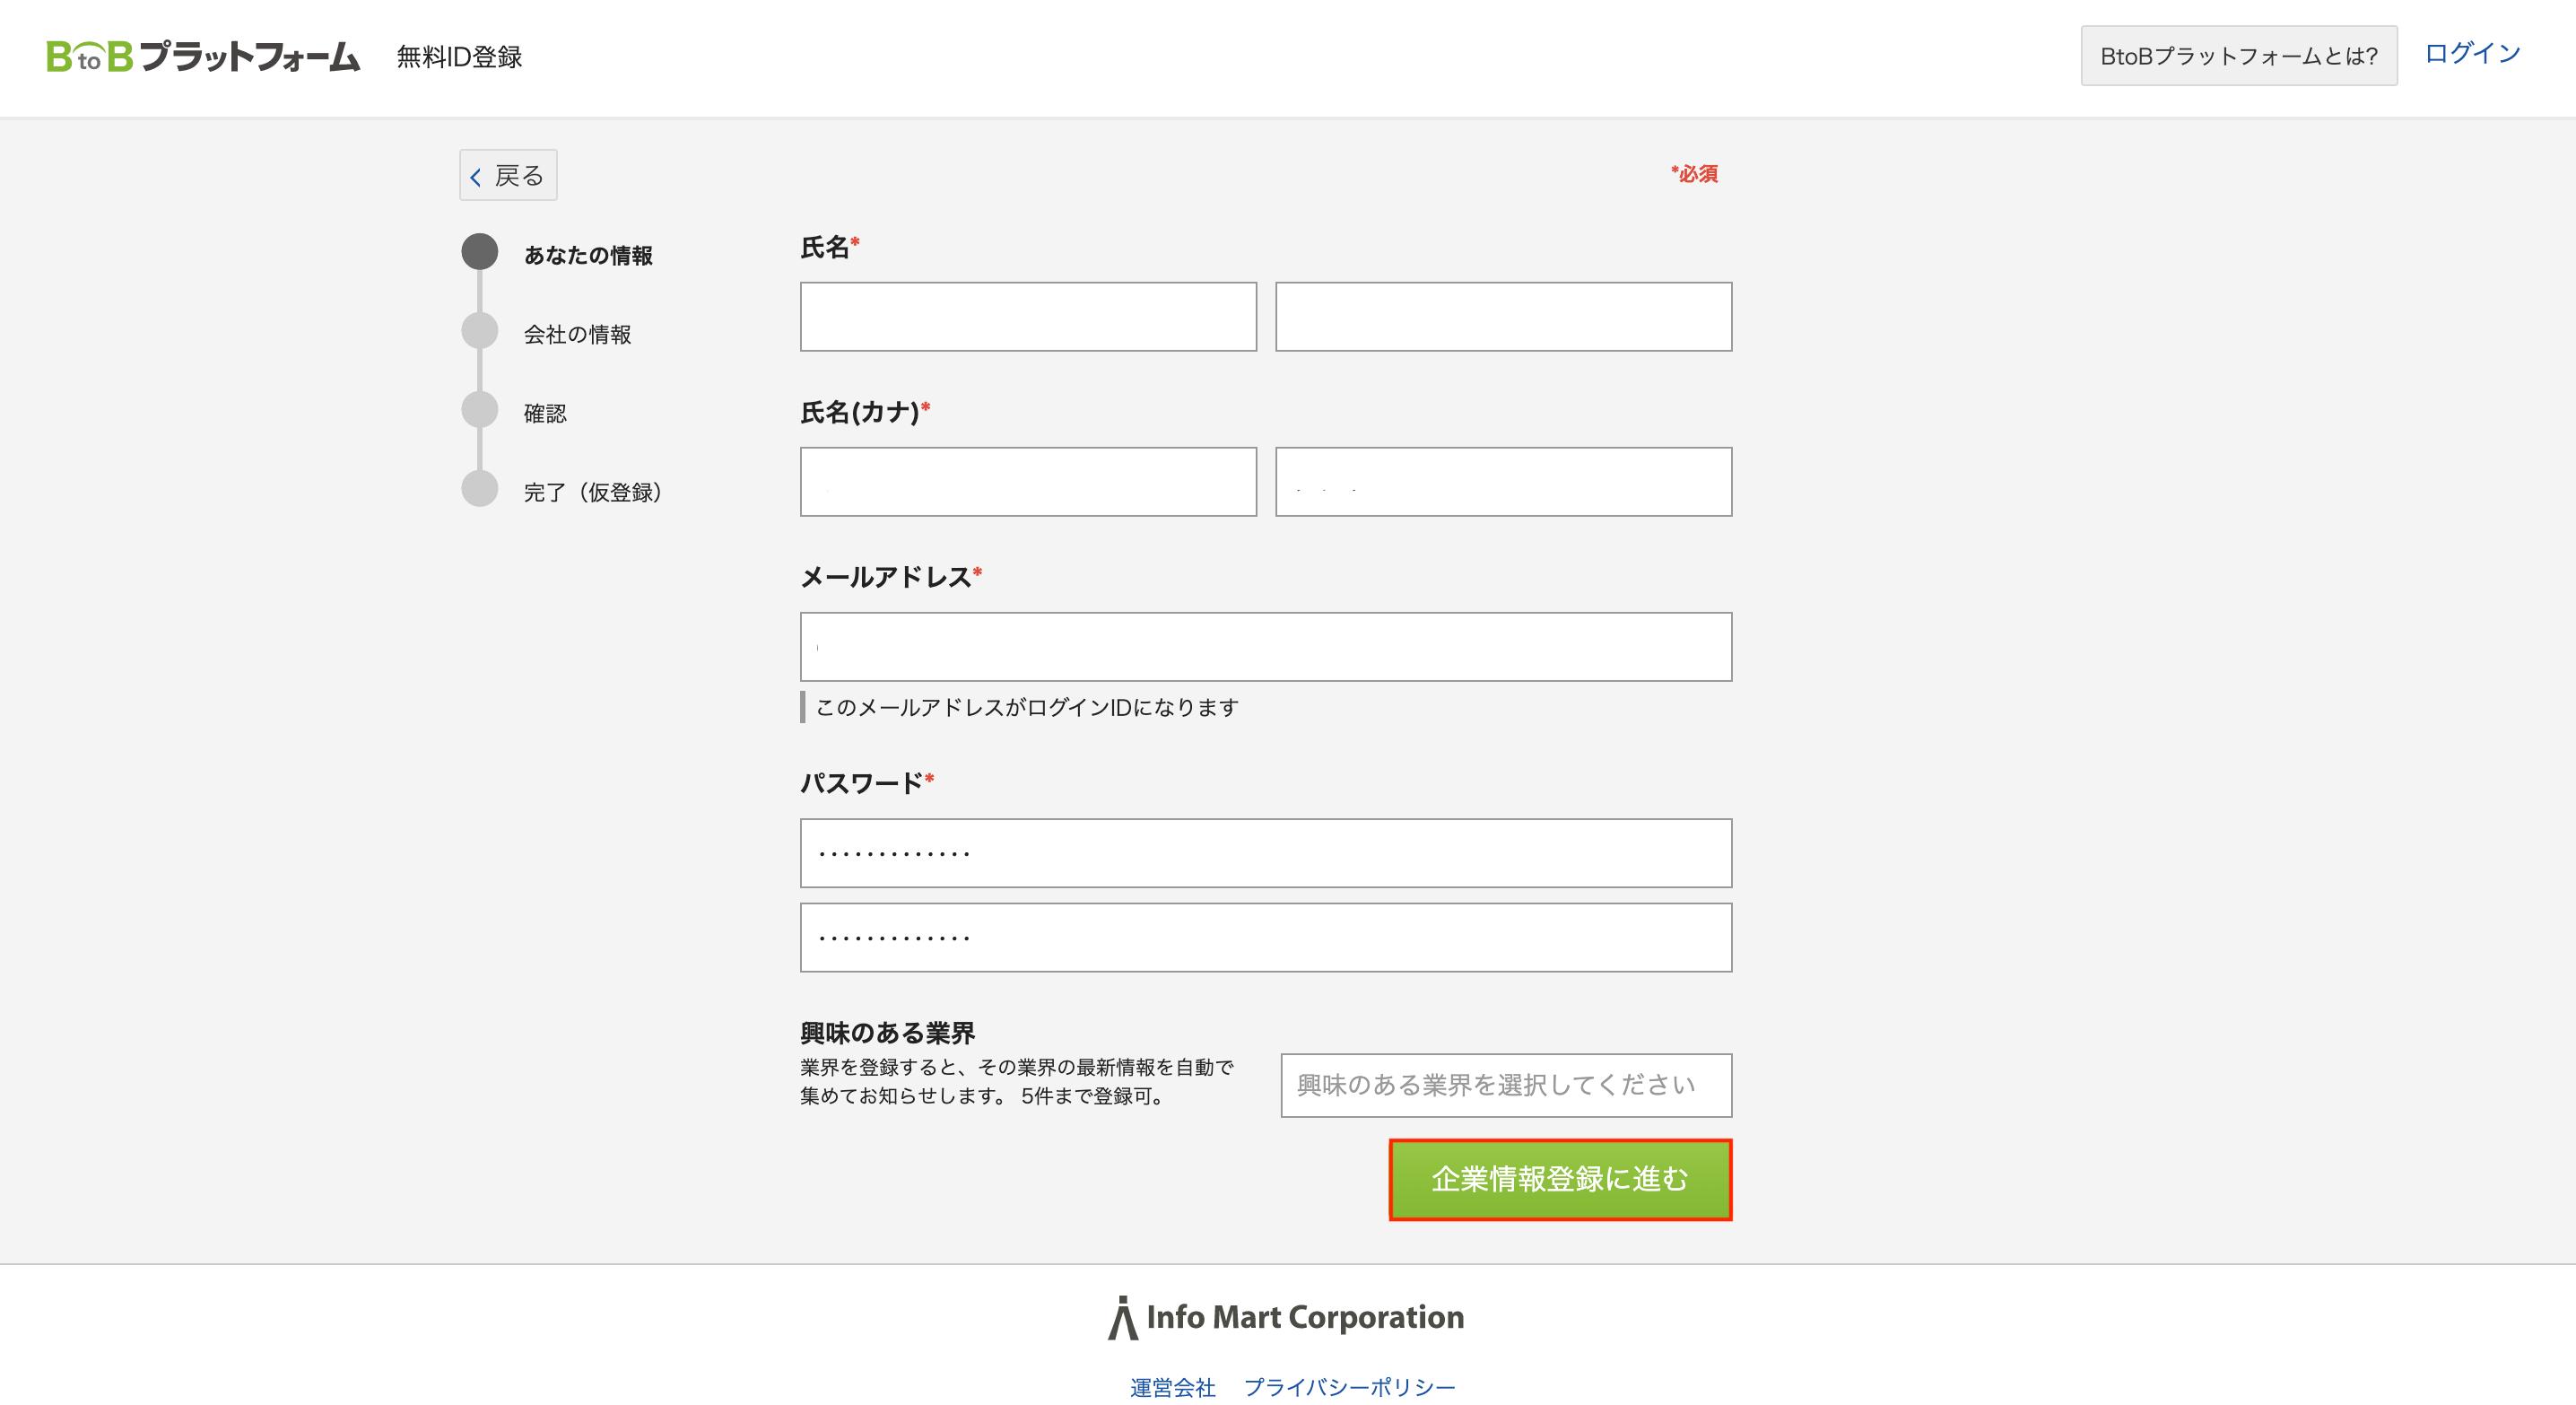 電子請求書早払い 登録